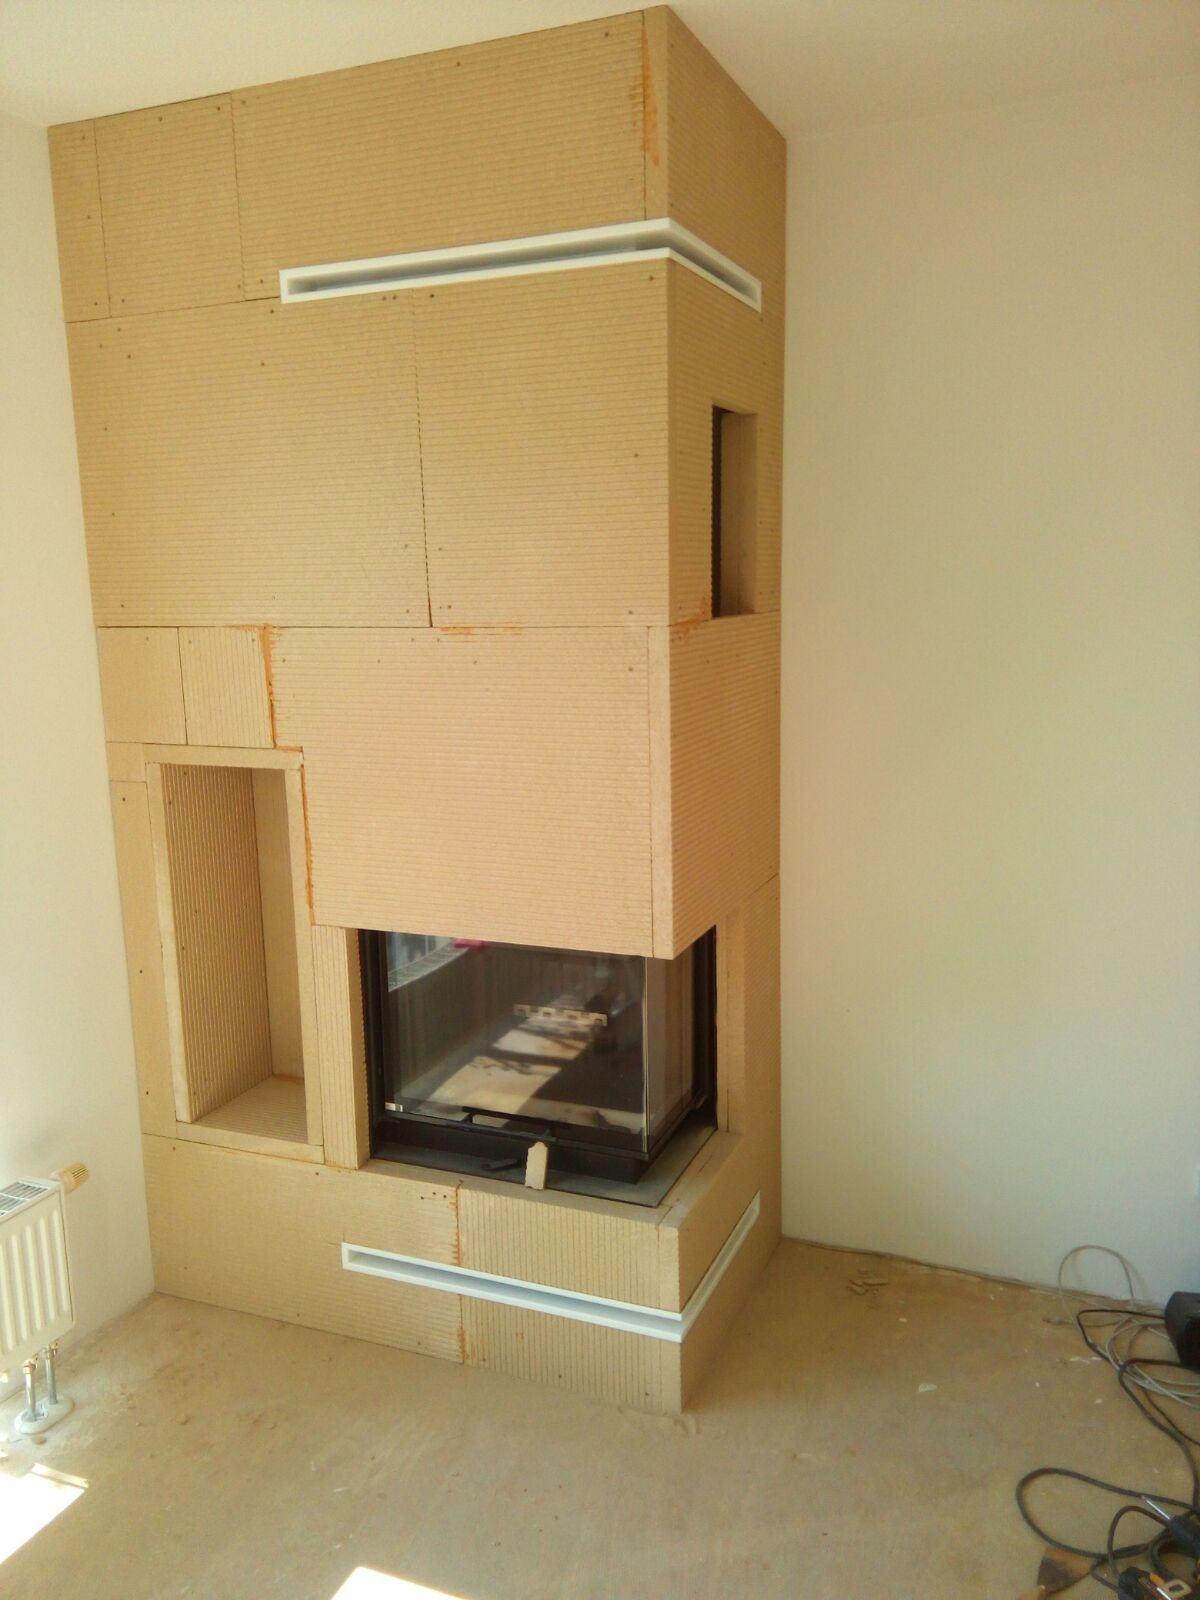 kaminverkleidung modern dreiseitiger panorama kamin zp53 kratki nbc 10 mit montage. Black Bedroom Furniture Sets. Home Design Ideas